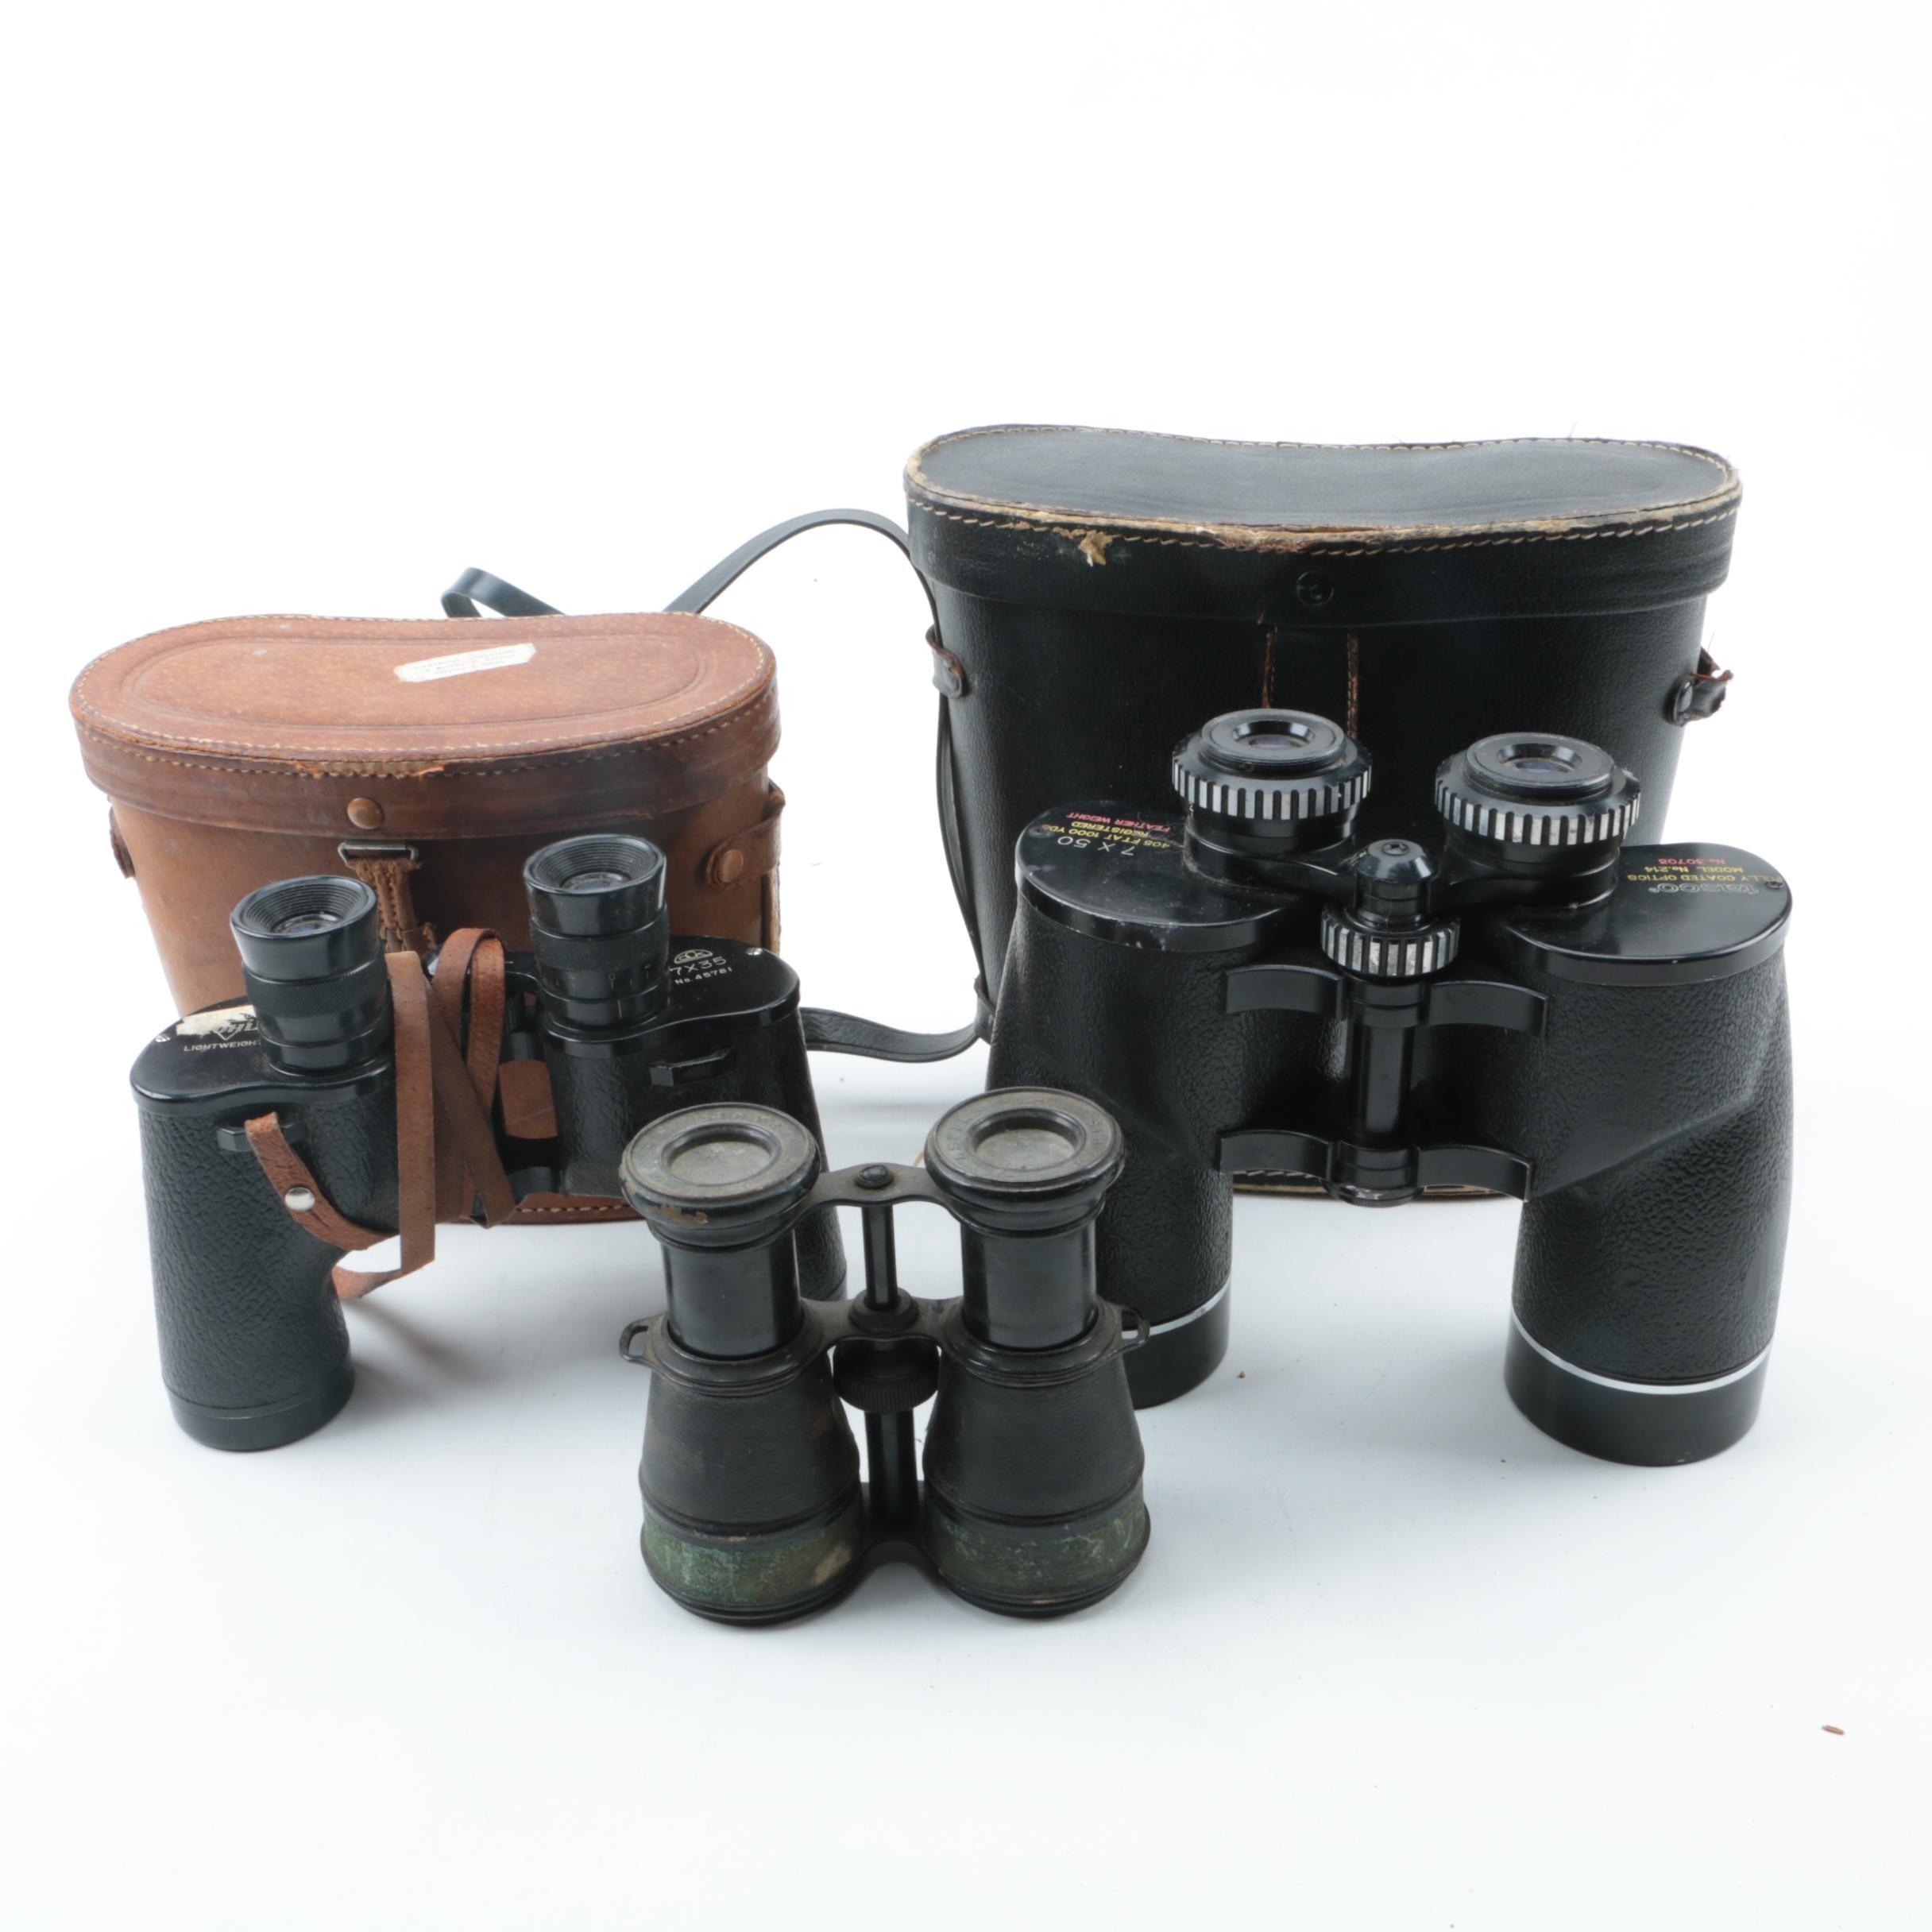 Vintage Binocular Assortment Including Lemaire